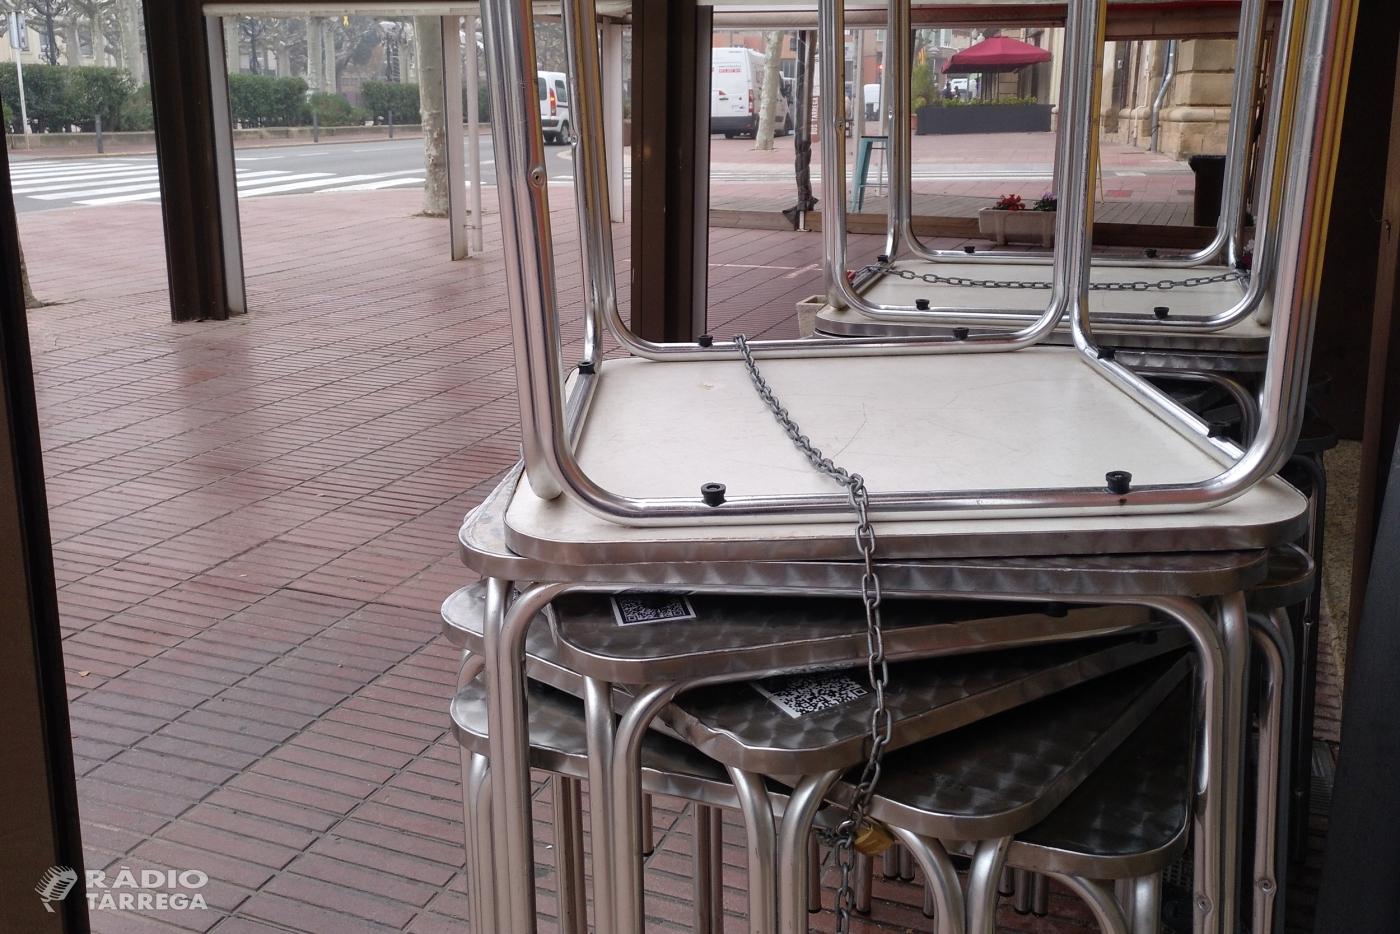 L'Ajuntament de Tàrrega autoritzarà de nou a partir de dilluns l'ampliació de terrasses de bars i restaurants per afavorir la seva activitat